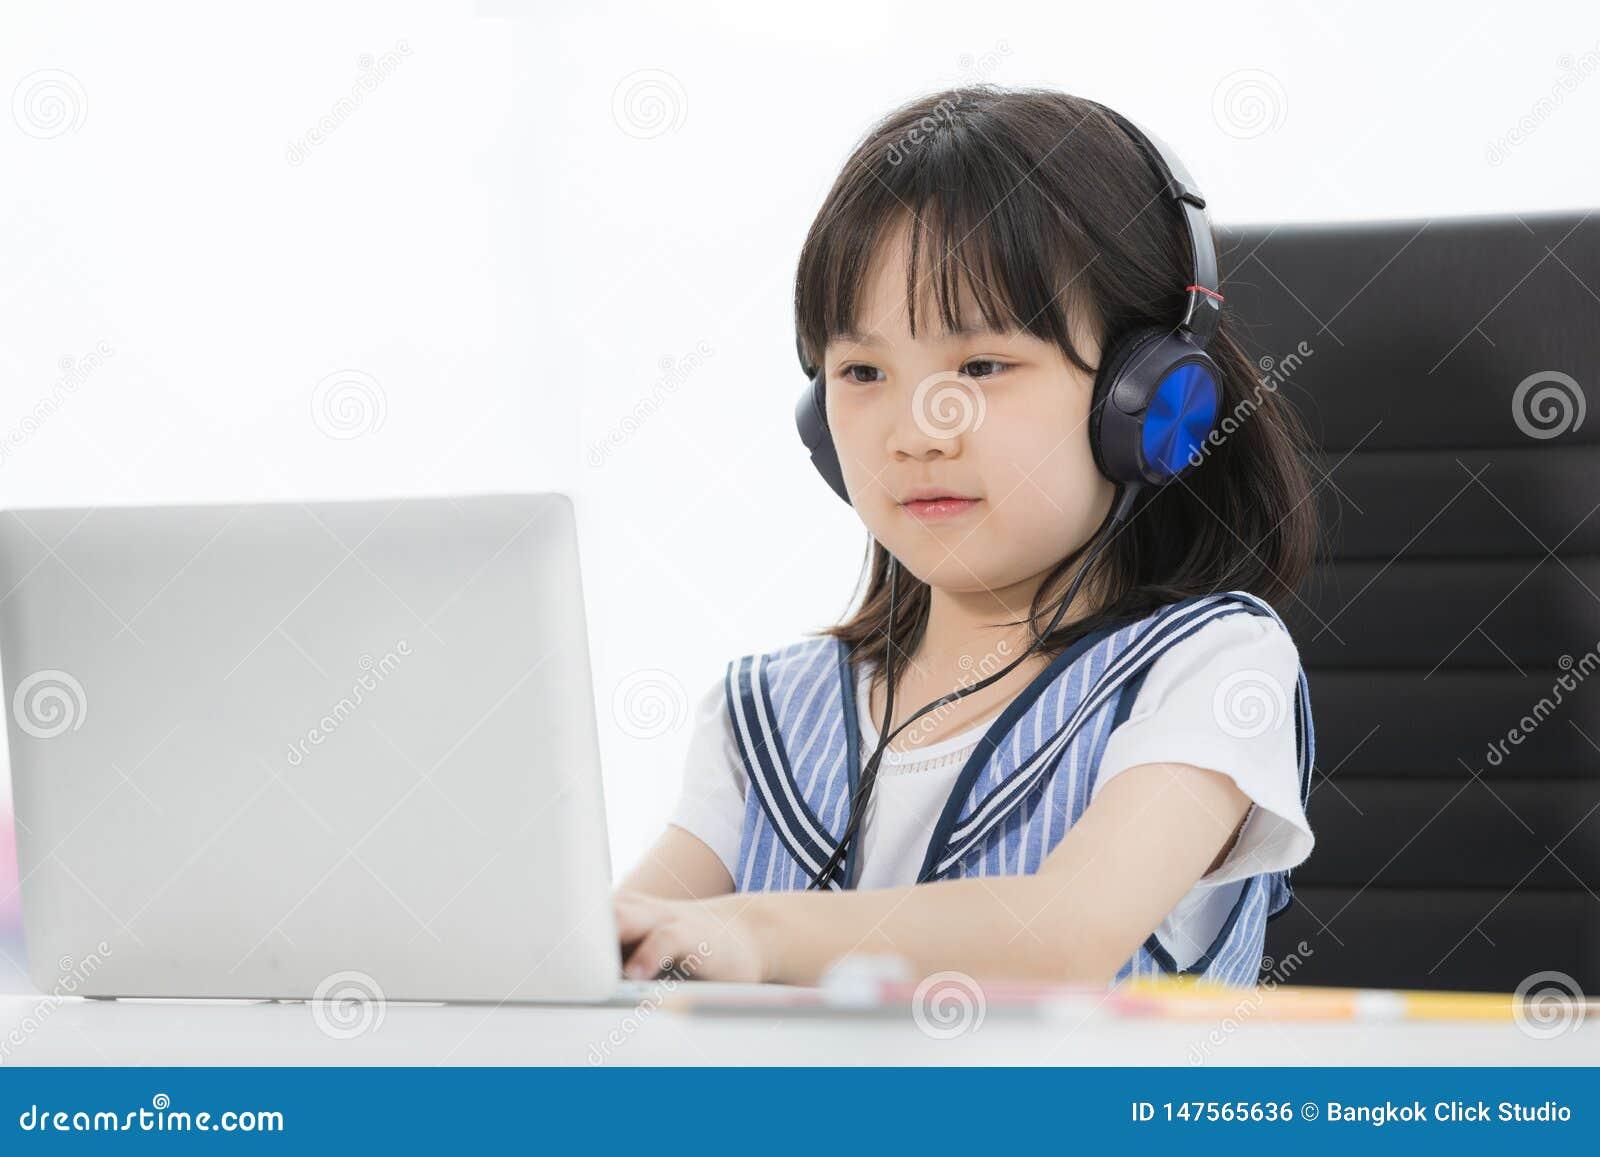 Asiatisches Mädchen trägt Kopfhörer